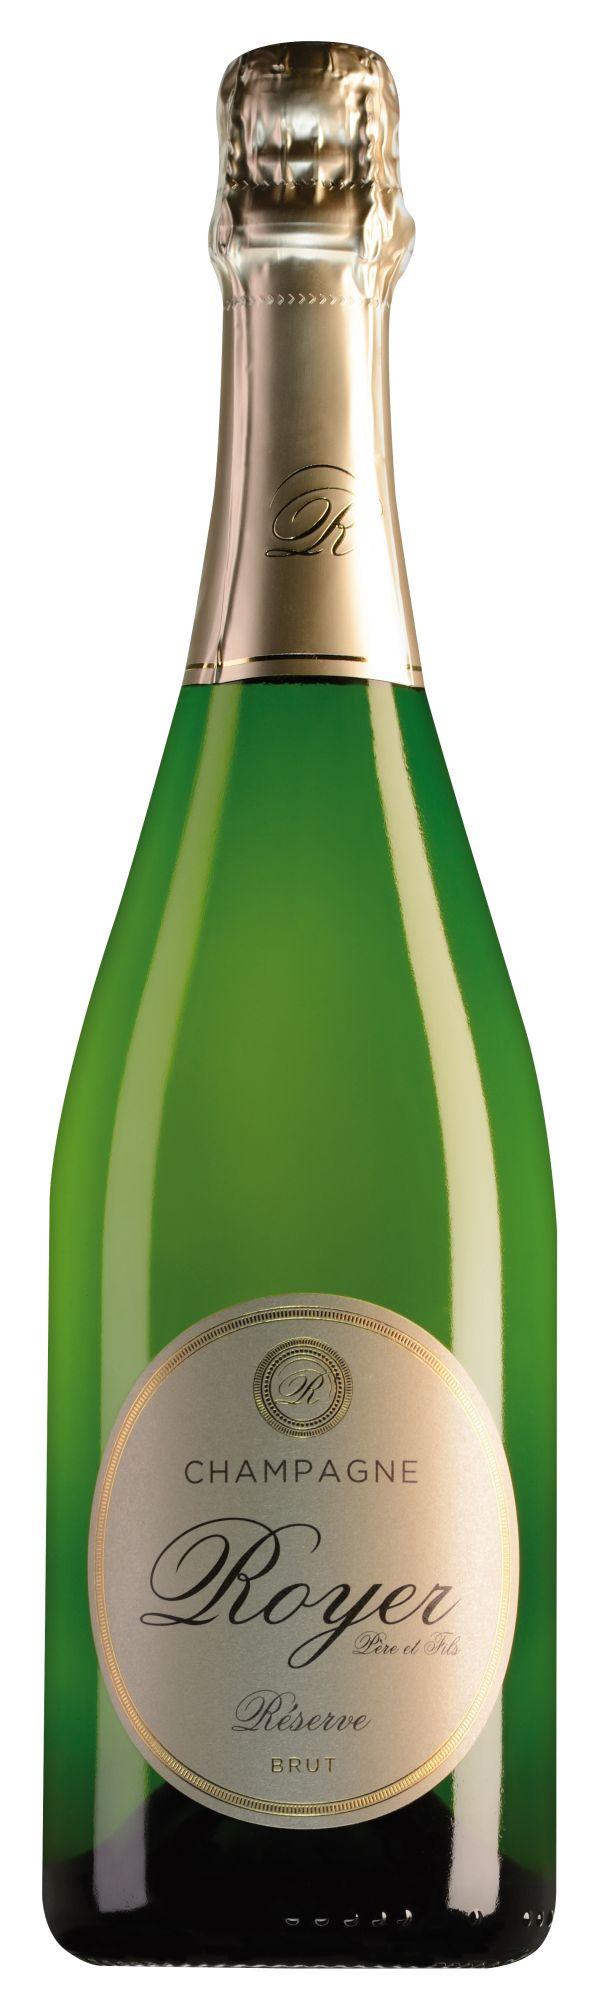 Royer Champagne Réserve Brut